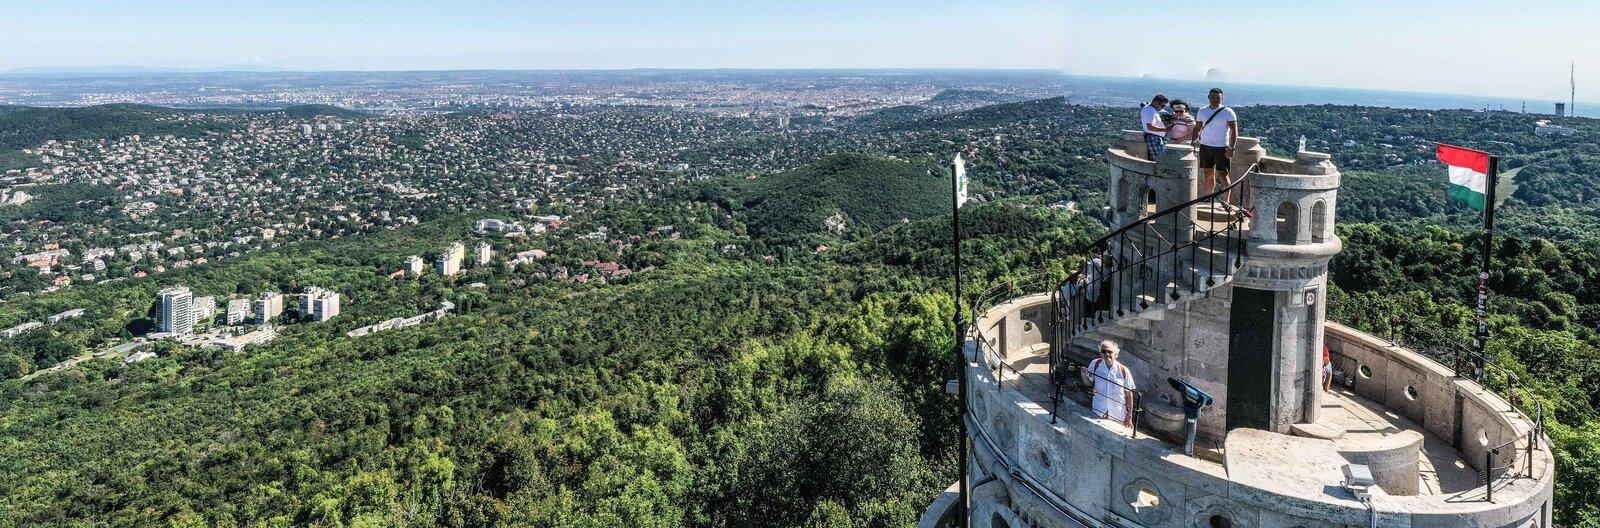 Top 10 things to do in Budapest during the coronavirus shutdown